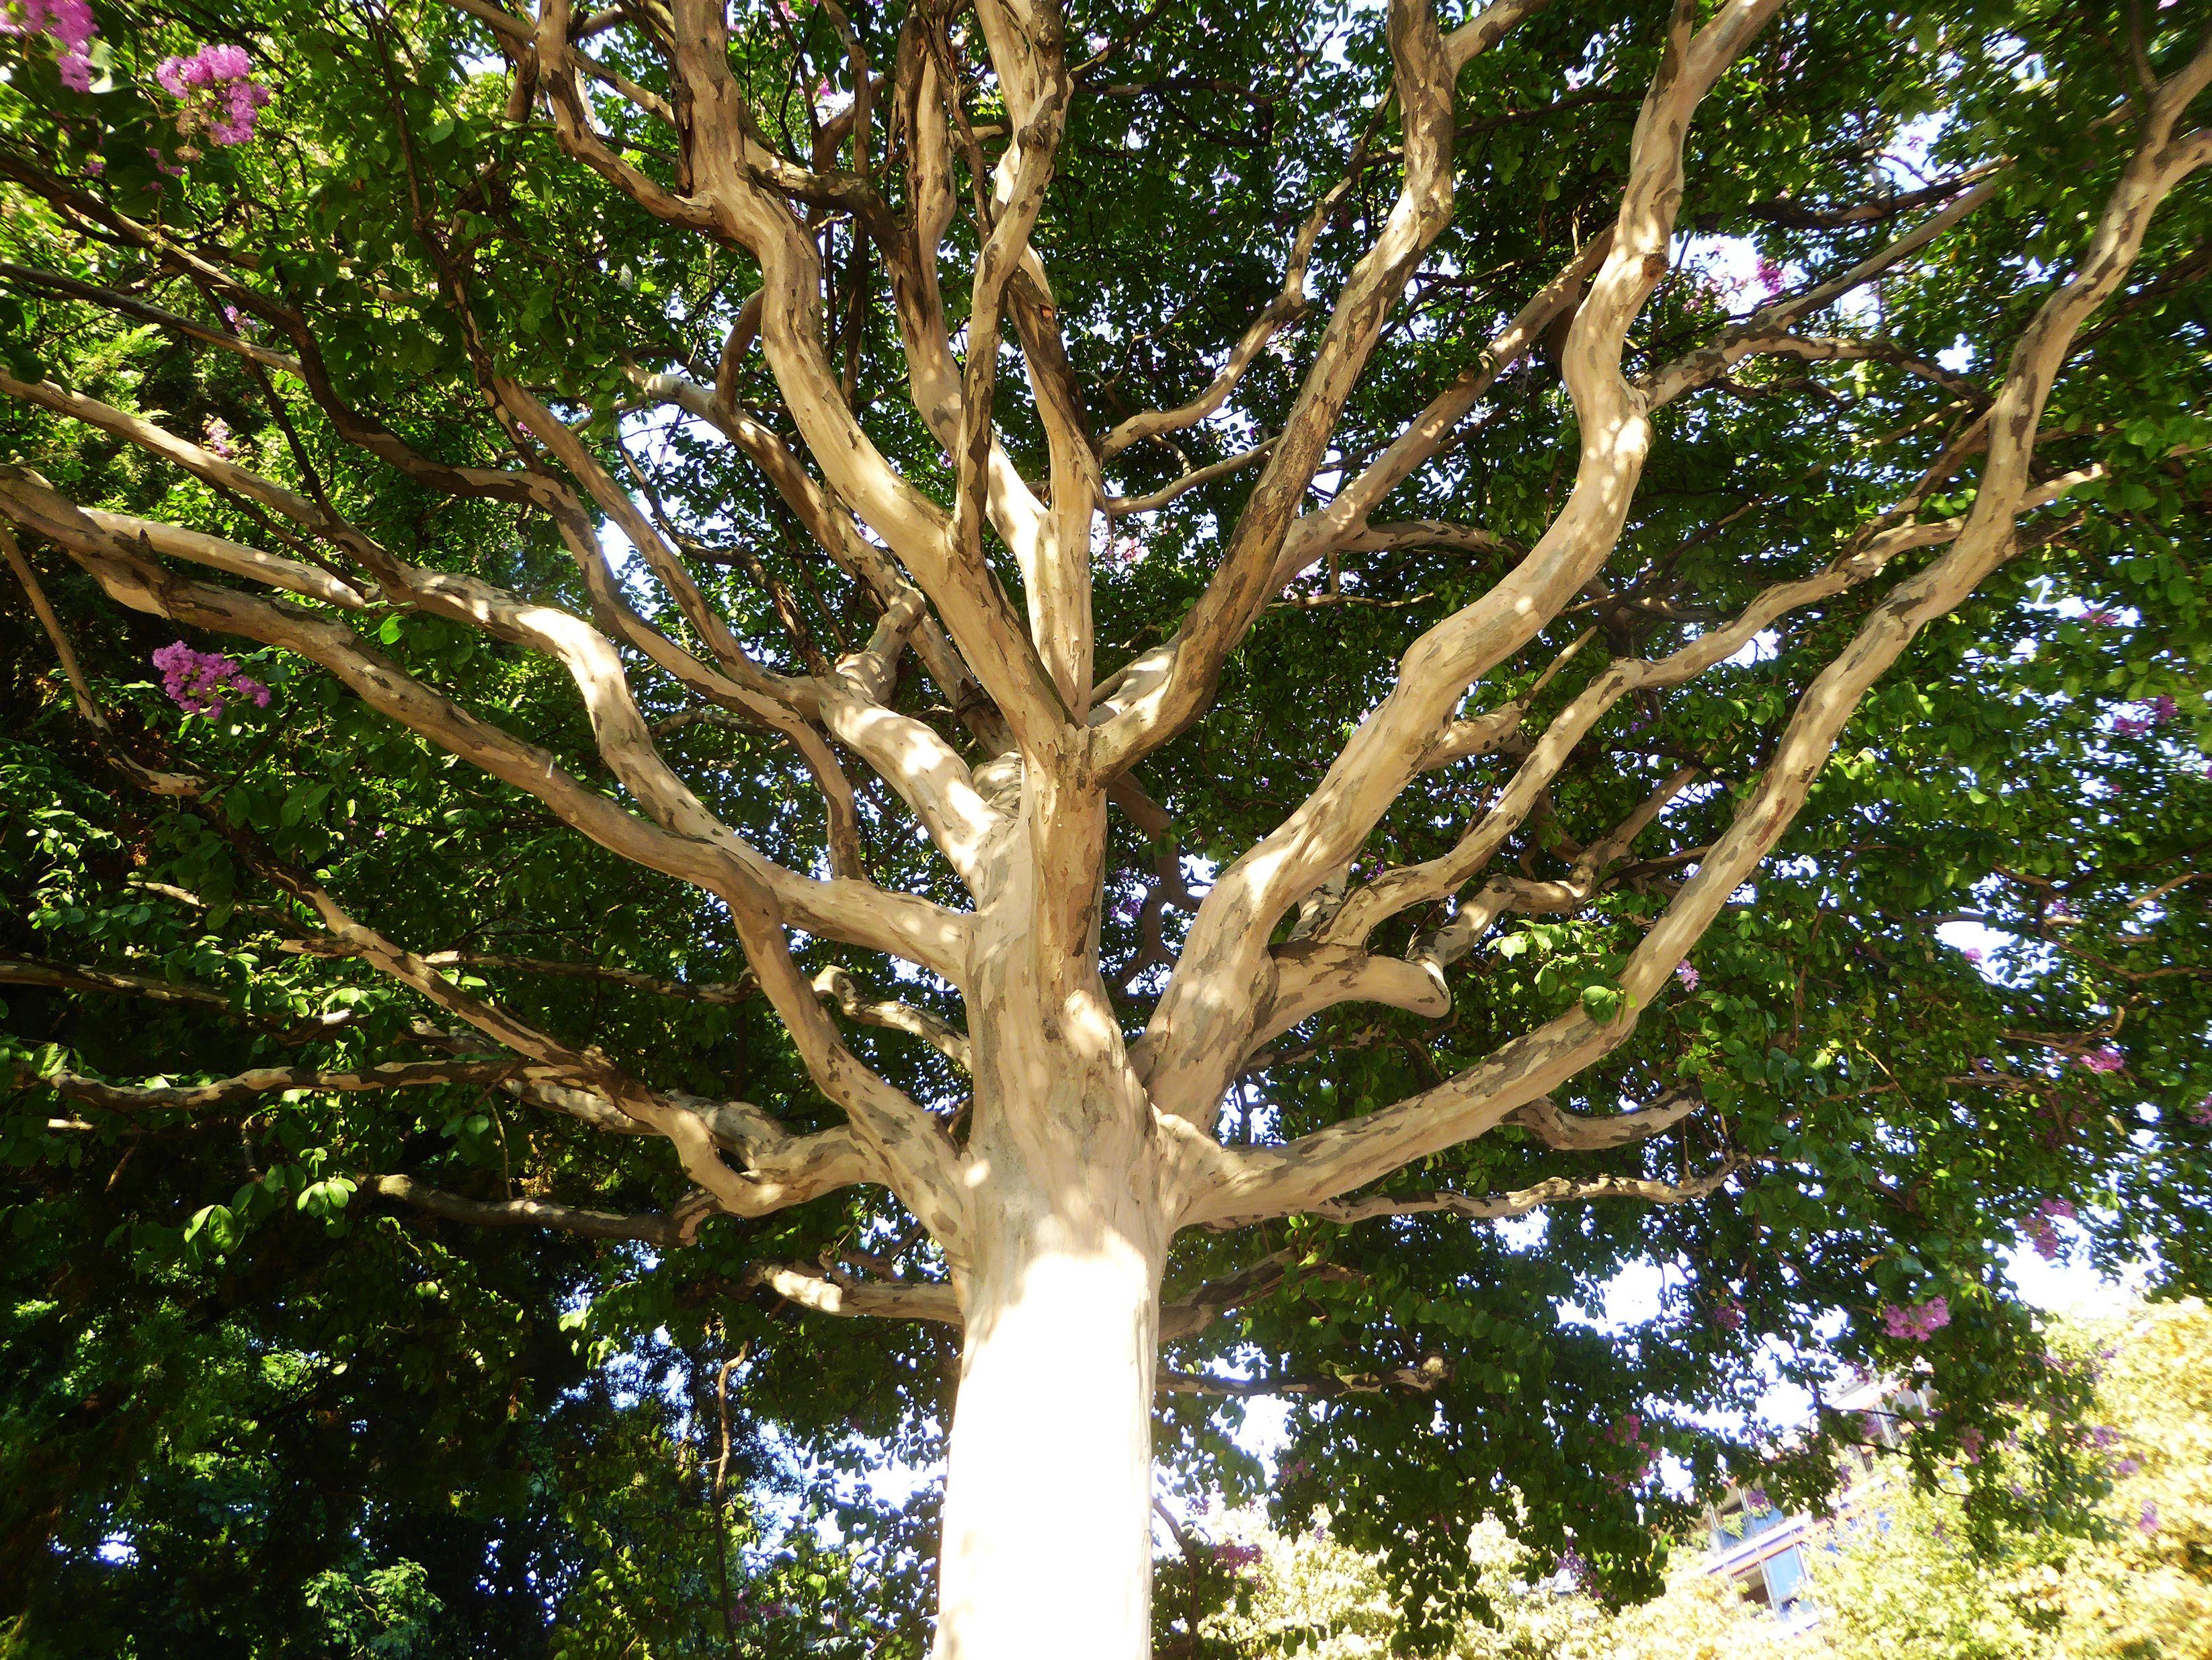 Albero Di Lillà multibraccia dell'albero di lillà (serenella - syringa